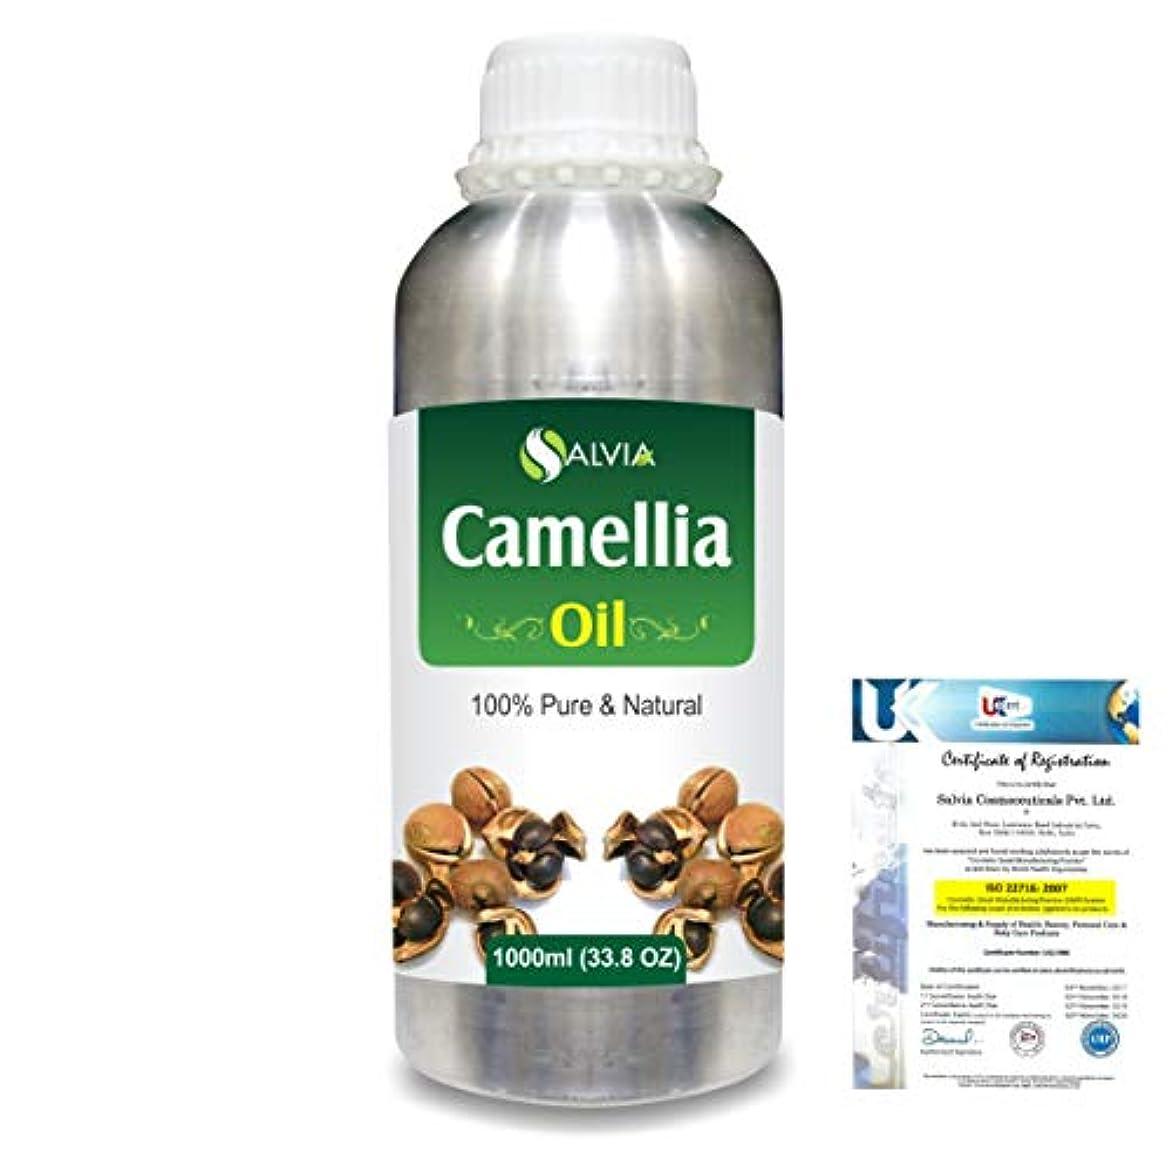 ランチョンワーディアンケース建てるCamellia (Camellia Sasanqua) 100% Natural Pure Essential Oil 1000ml/33.8fl.oz.